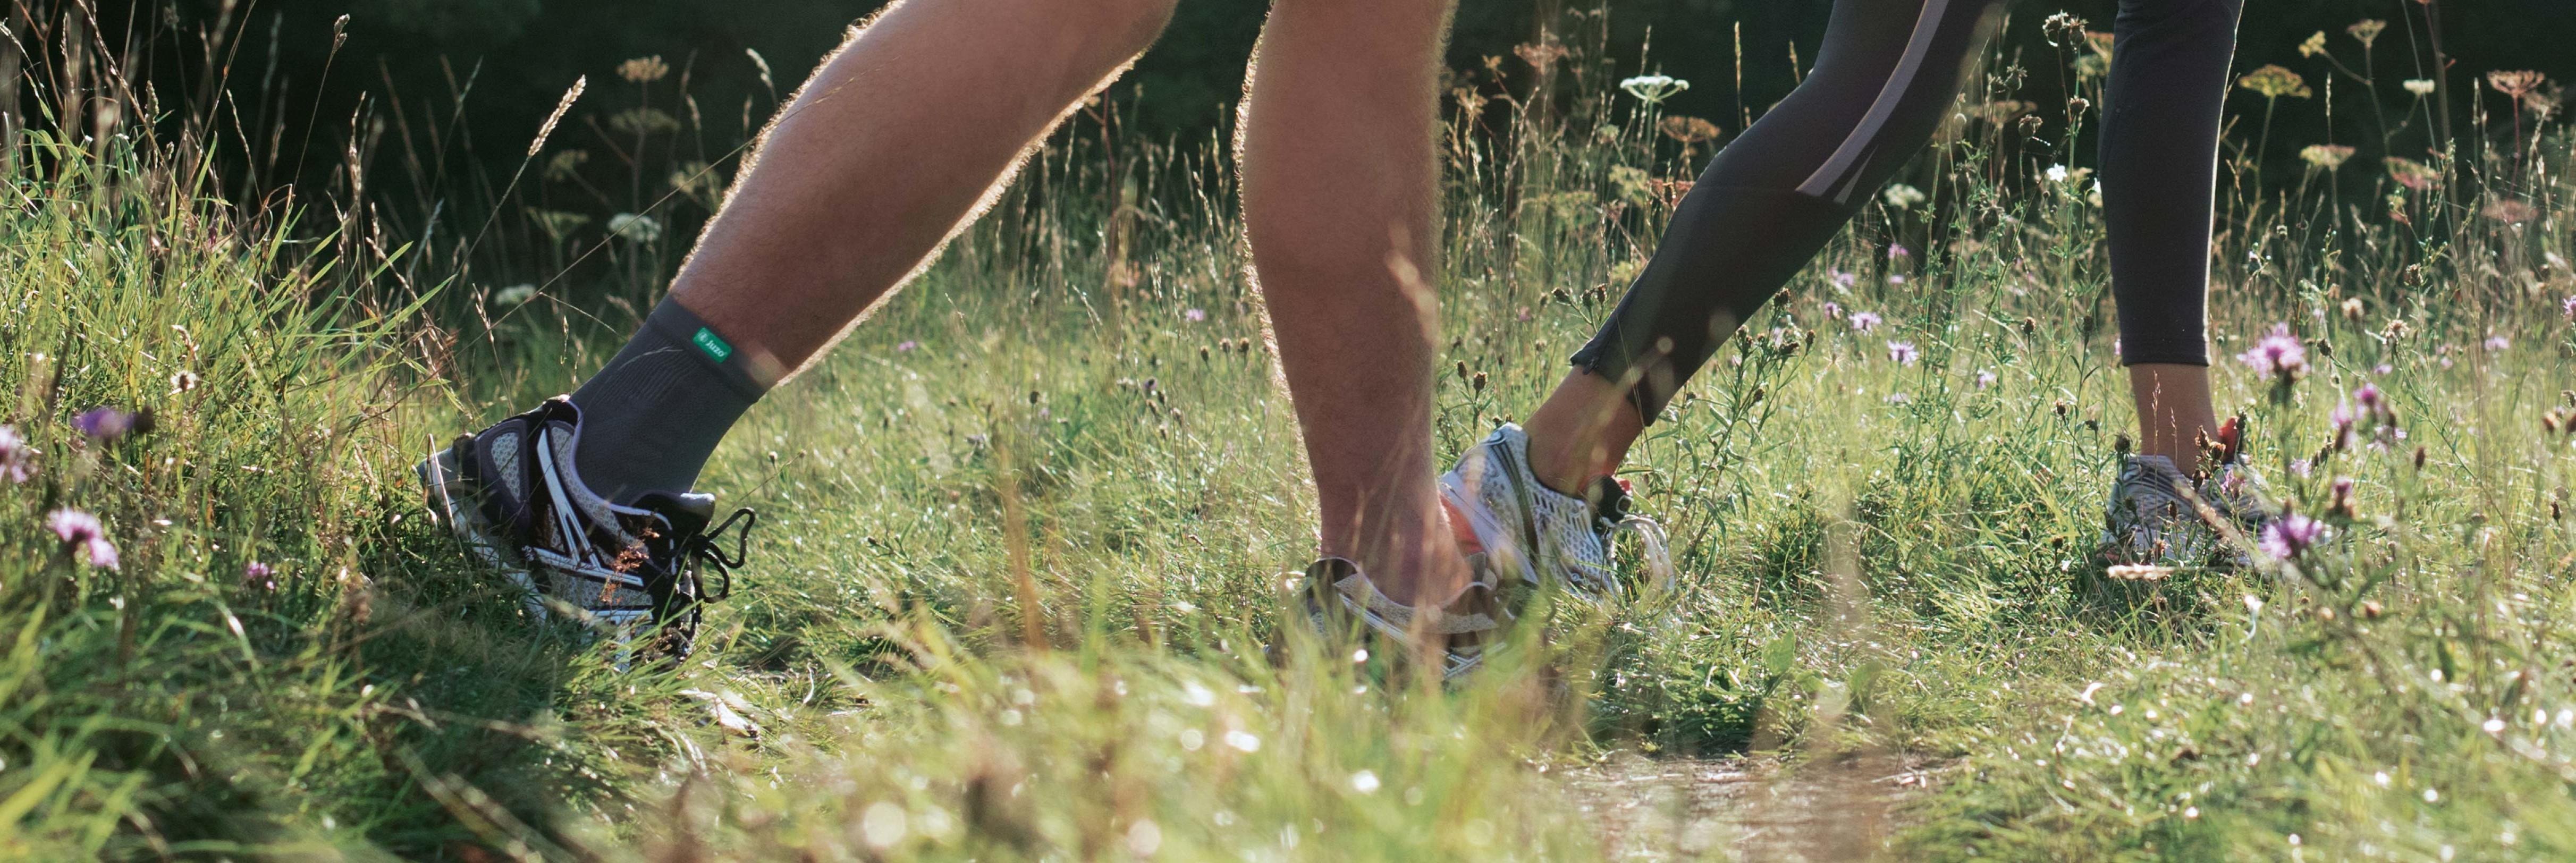 Mand jogger på en eng